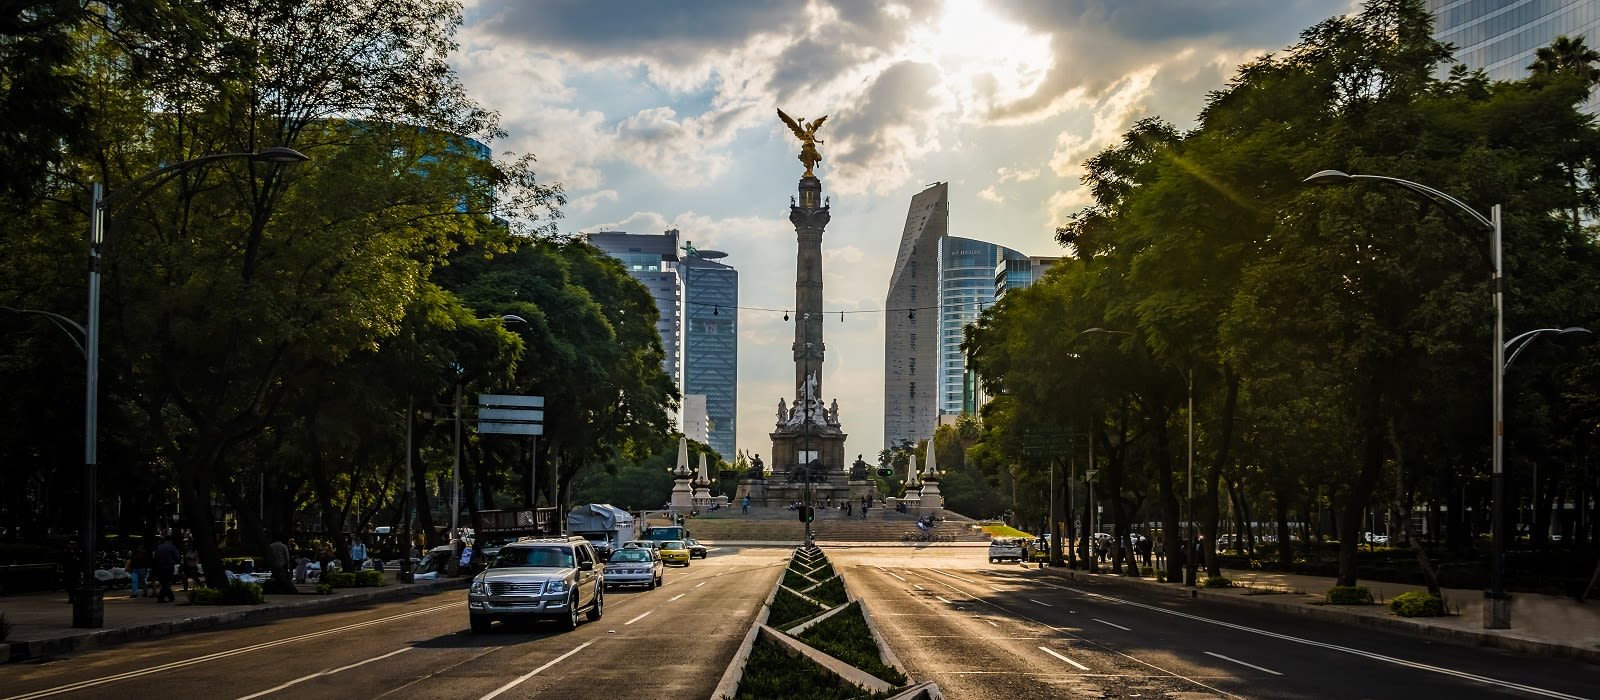 Culinary Gems of Mexico Tour Trip 10